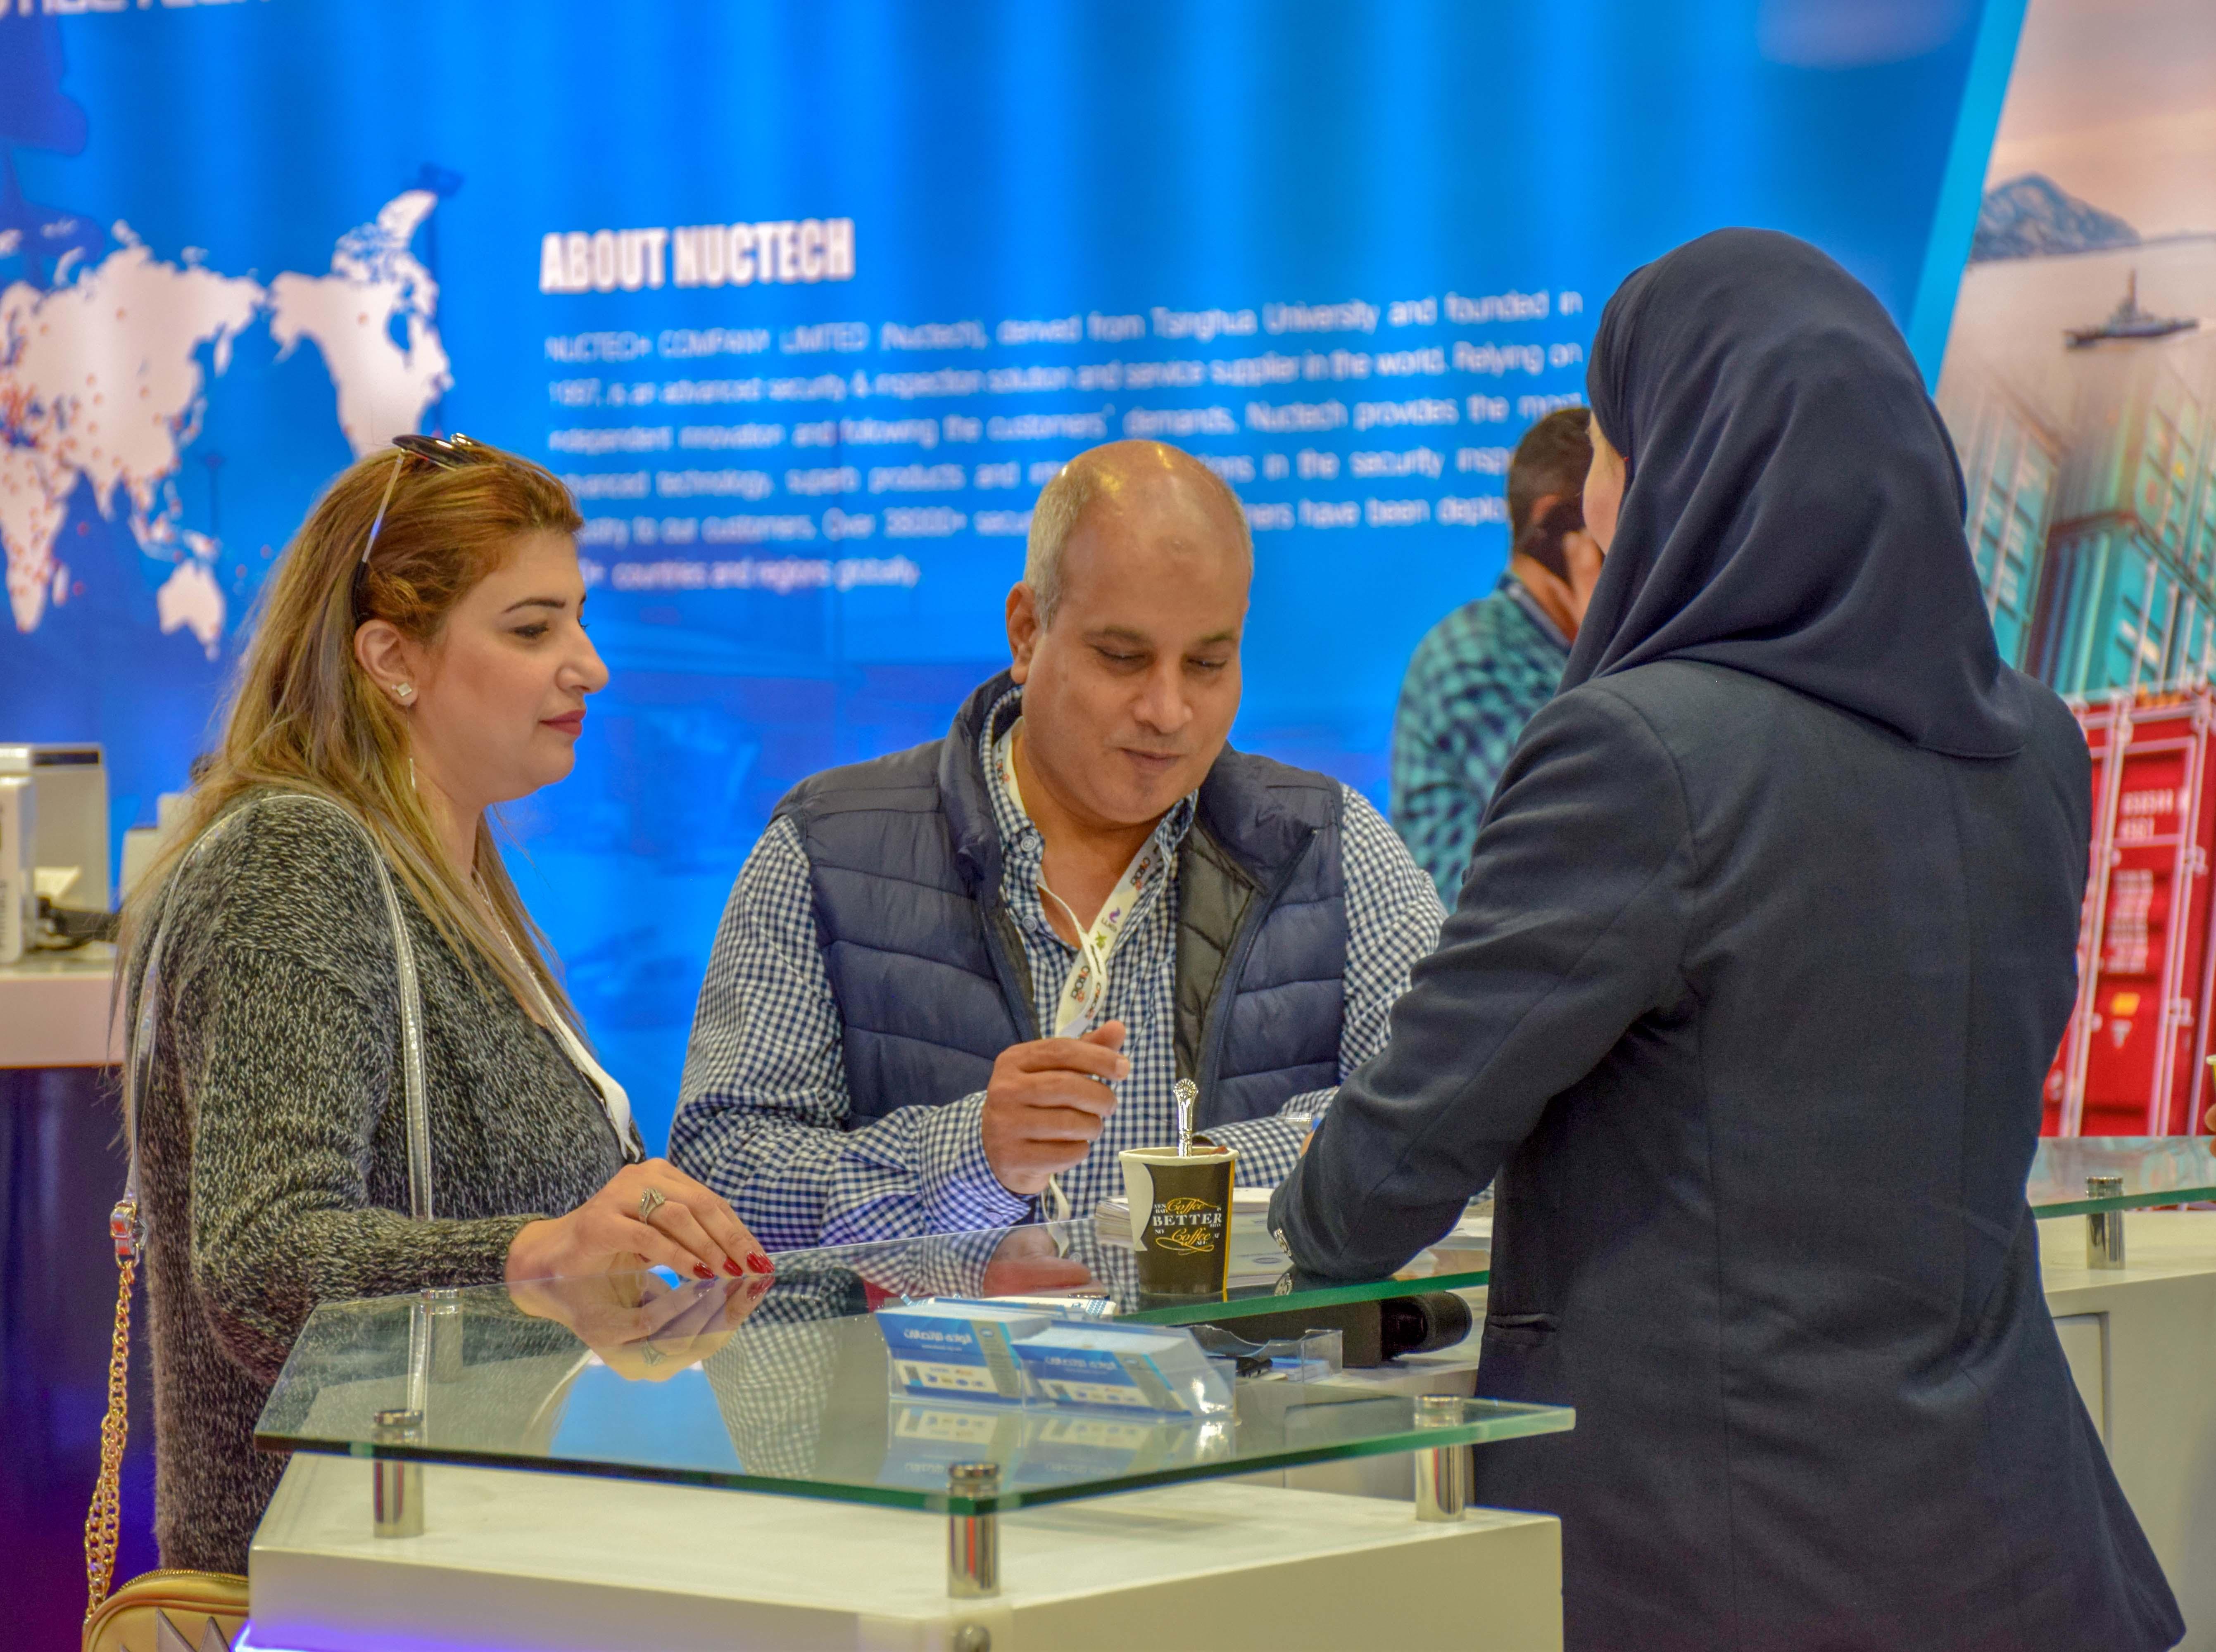 جناح الشركة في معرض القاهرة الدولى للإتصالات